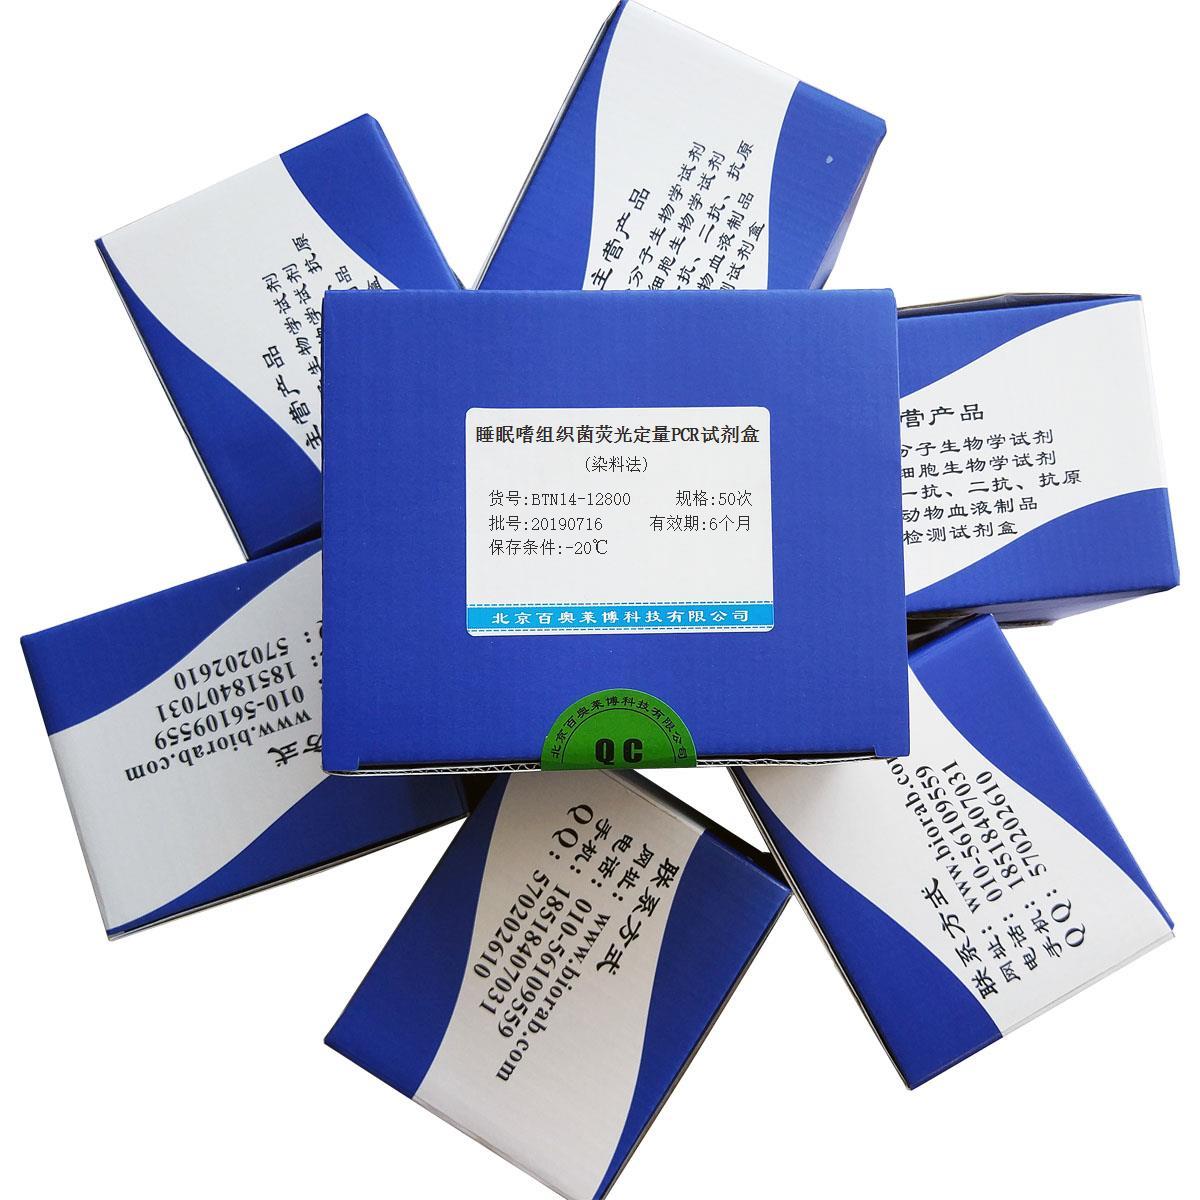 睡眠嗜组织菌荧光定量PCR试剂盒(染料法)